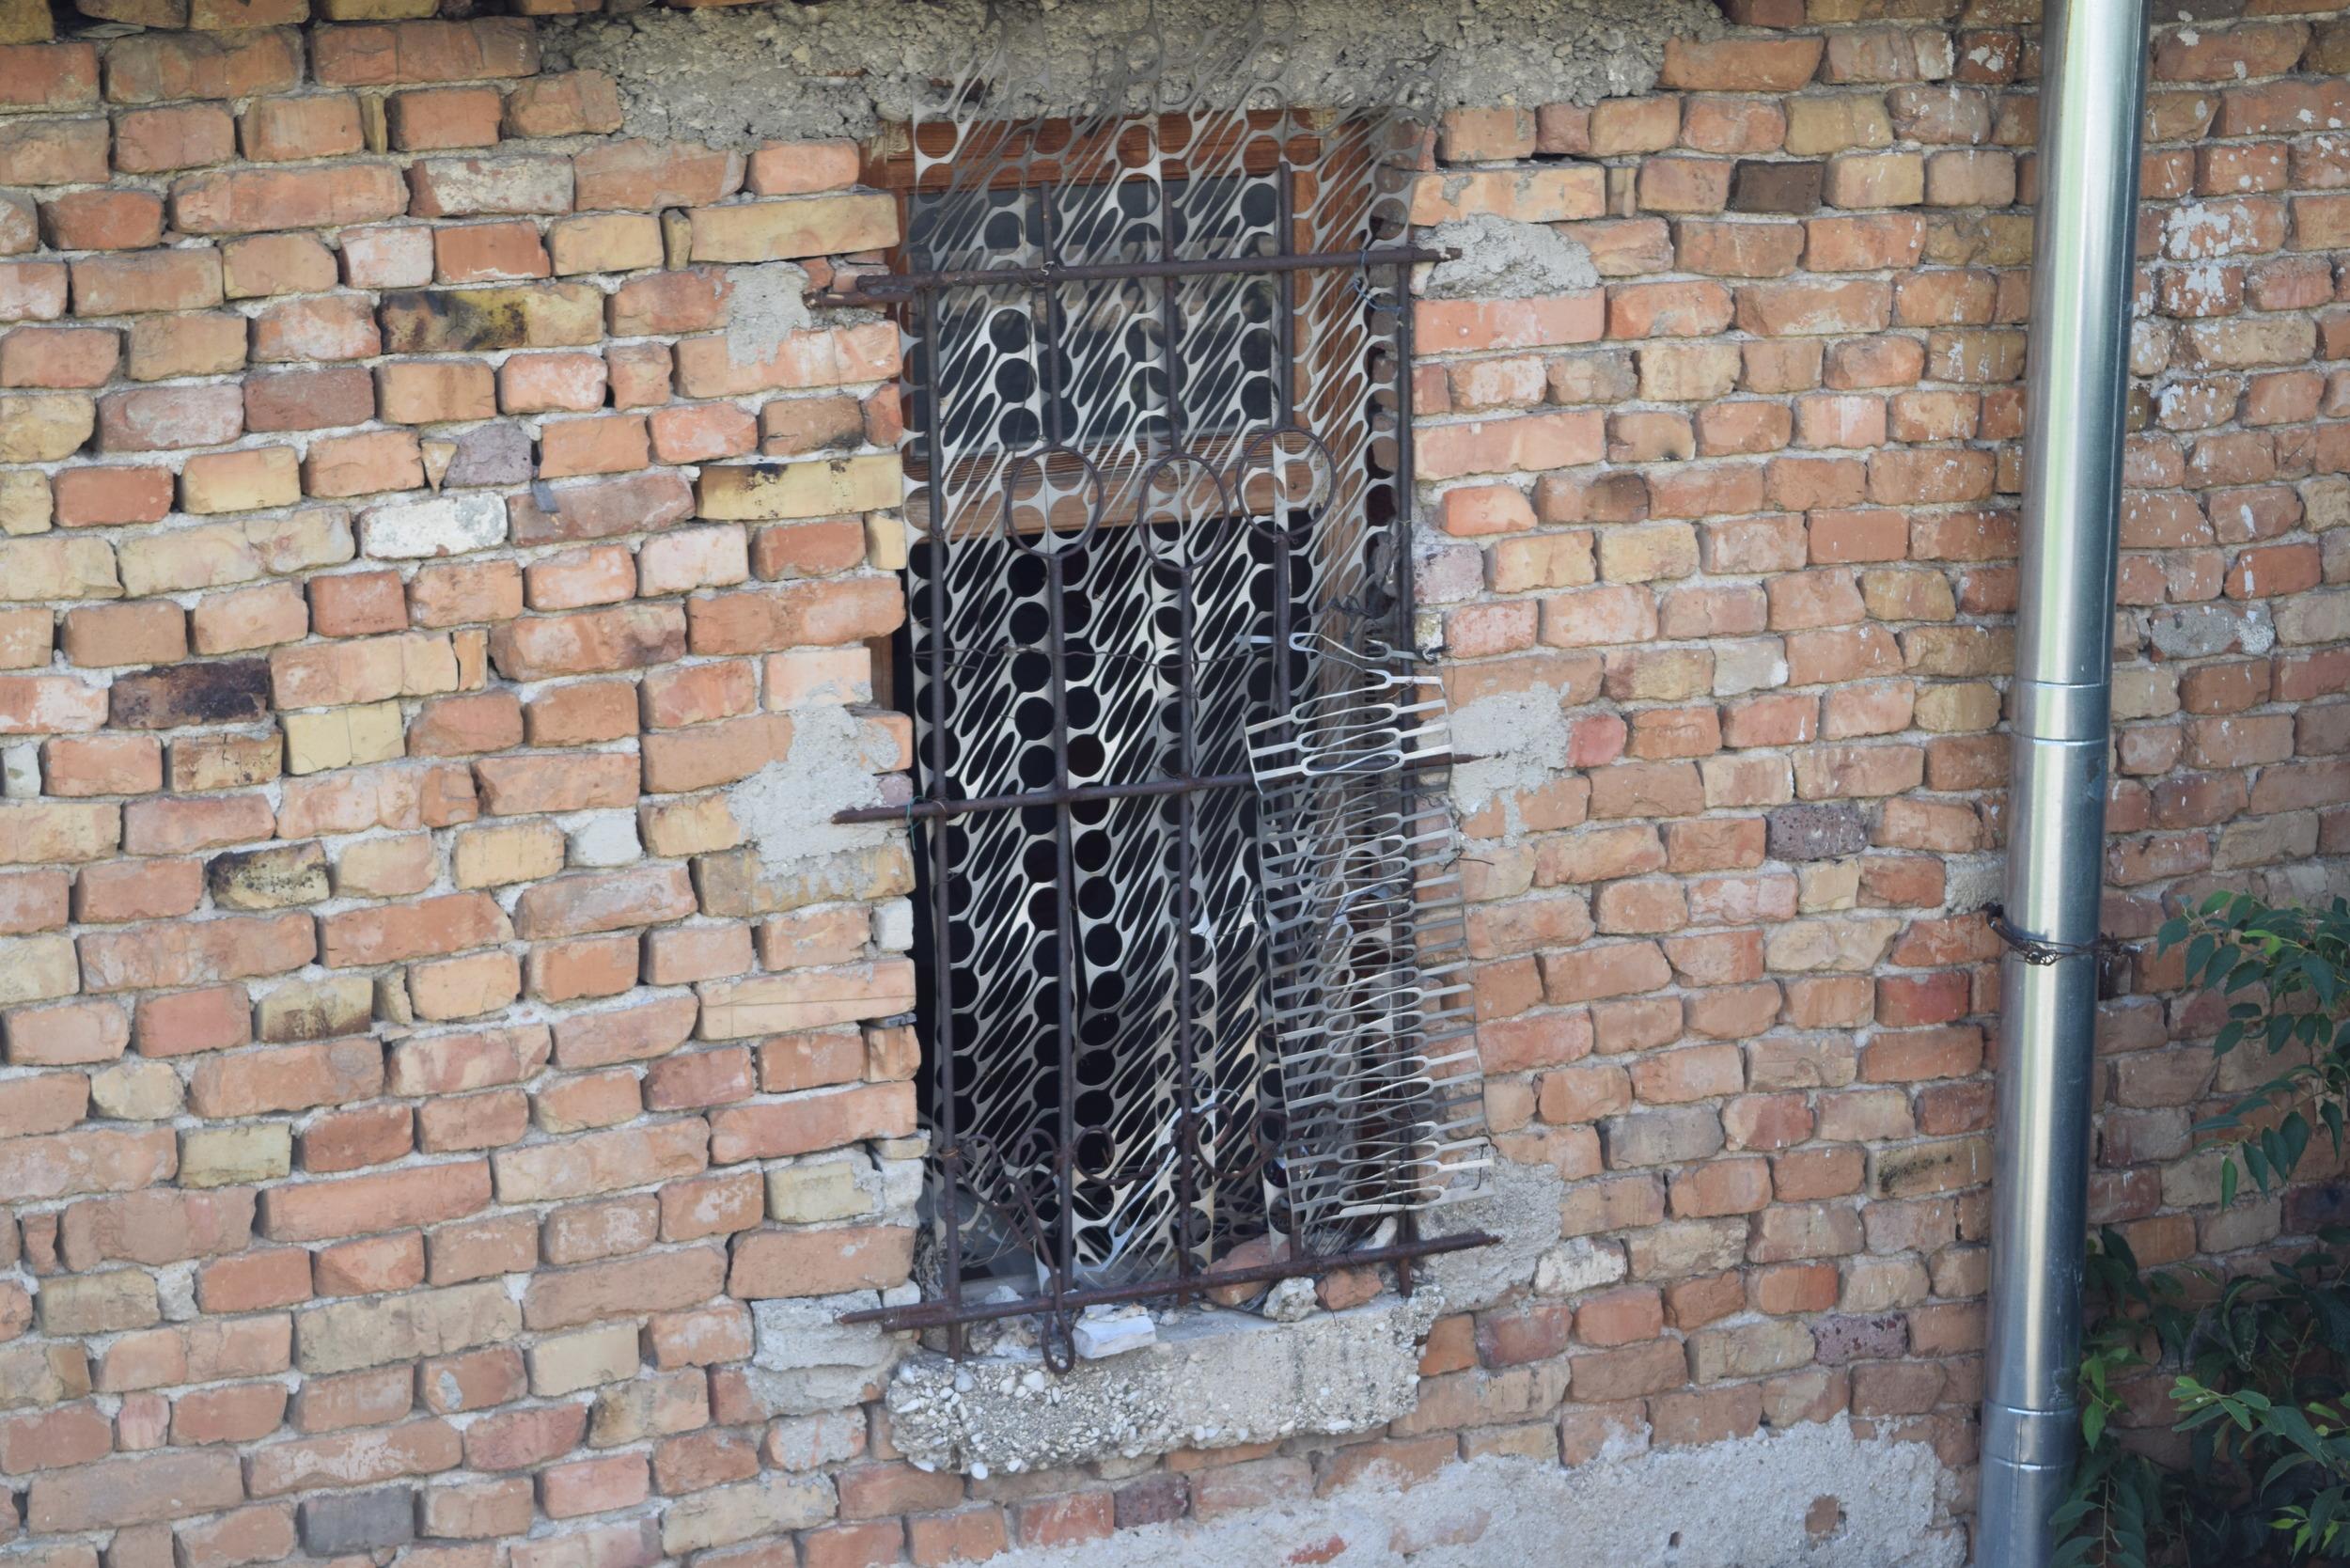 Factory metal being reused